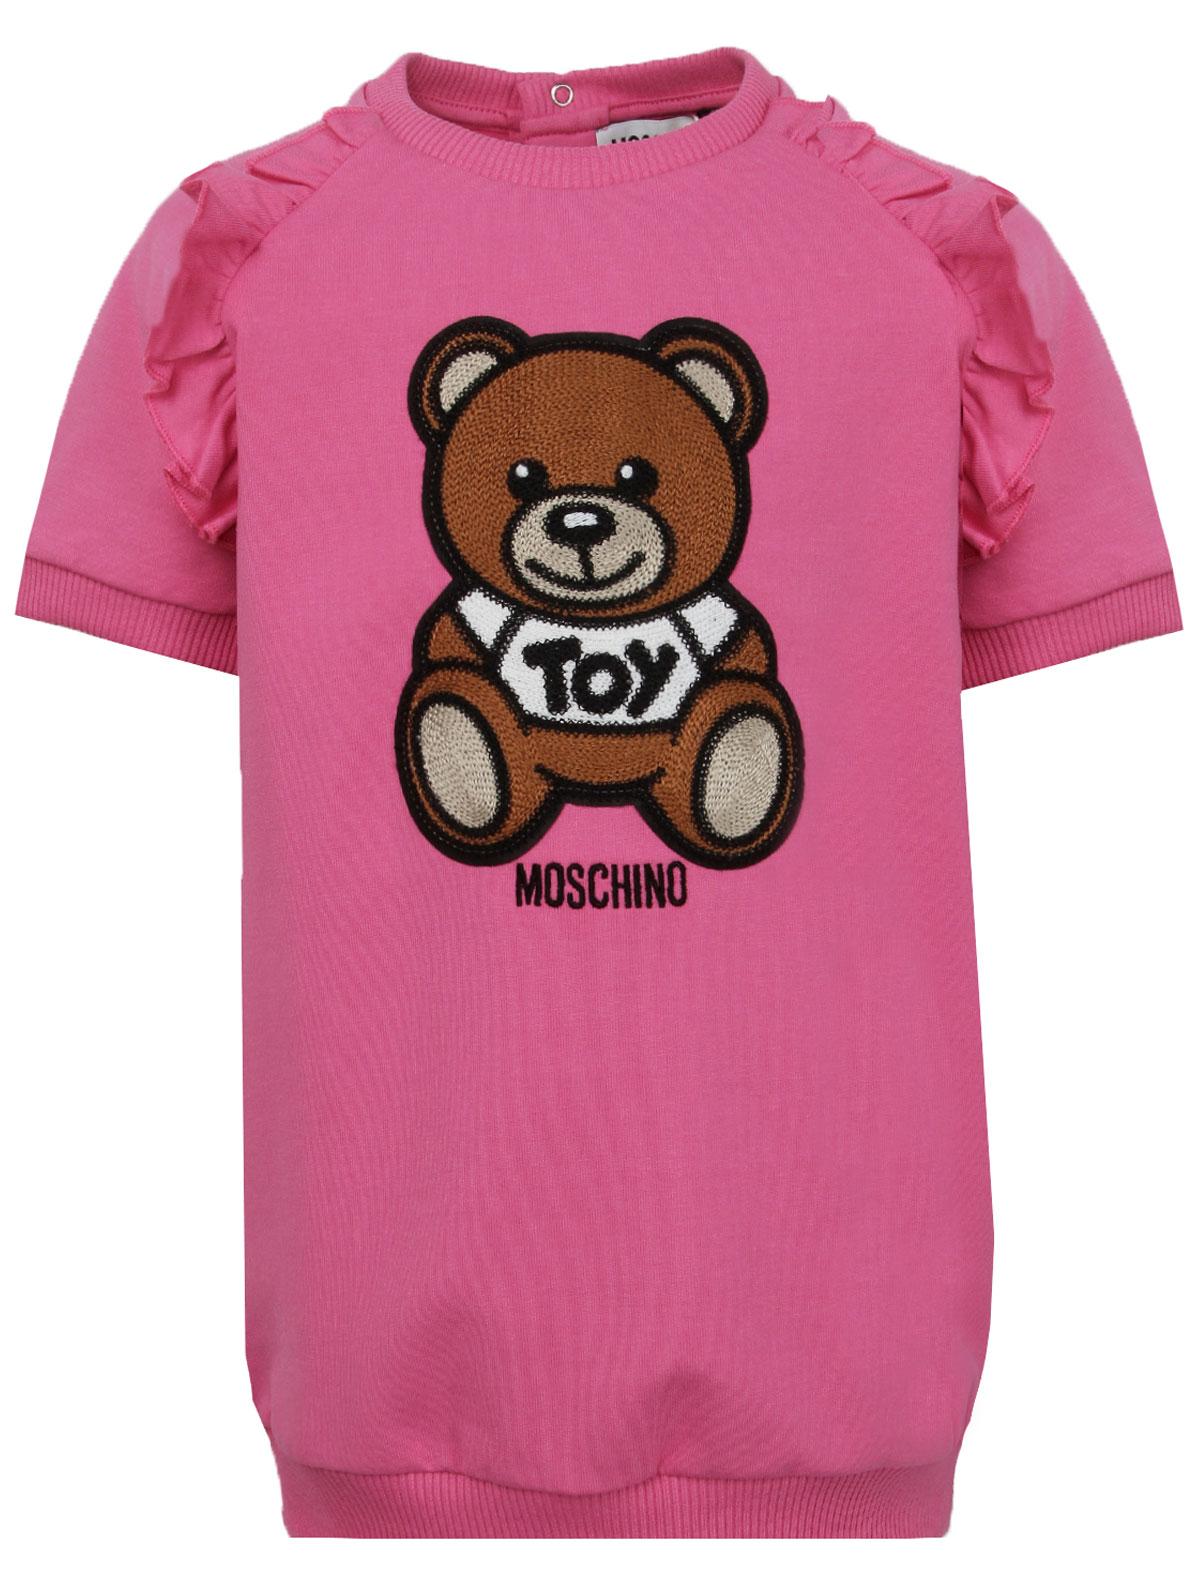 2279781, Платье Moschino, розовый, Женский, 1054509174211  - купить со скидкой